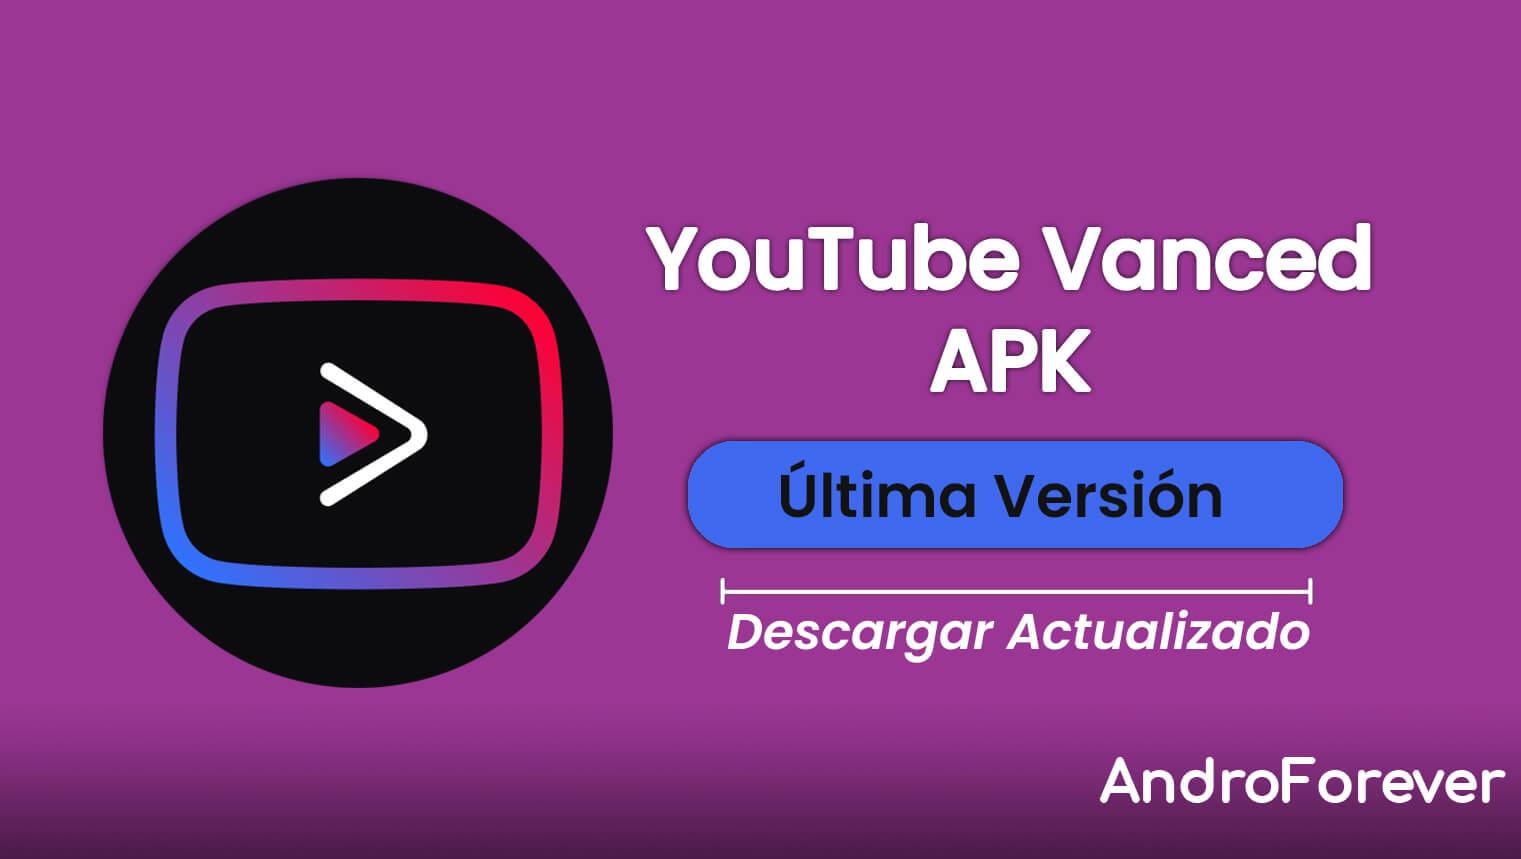 YouTube Vanced APK 16.20.35 (OFICIAL ACTUALIZADO)